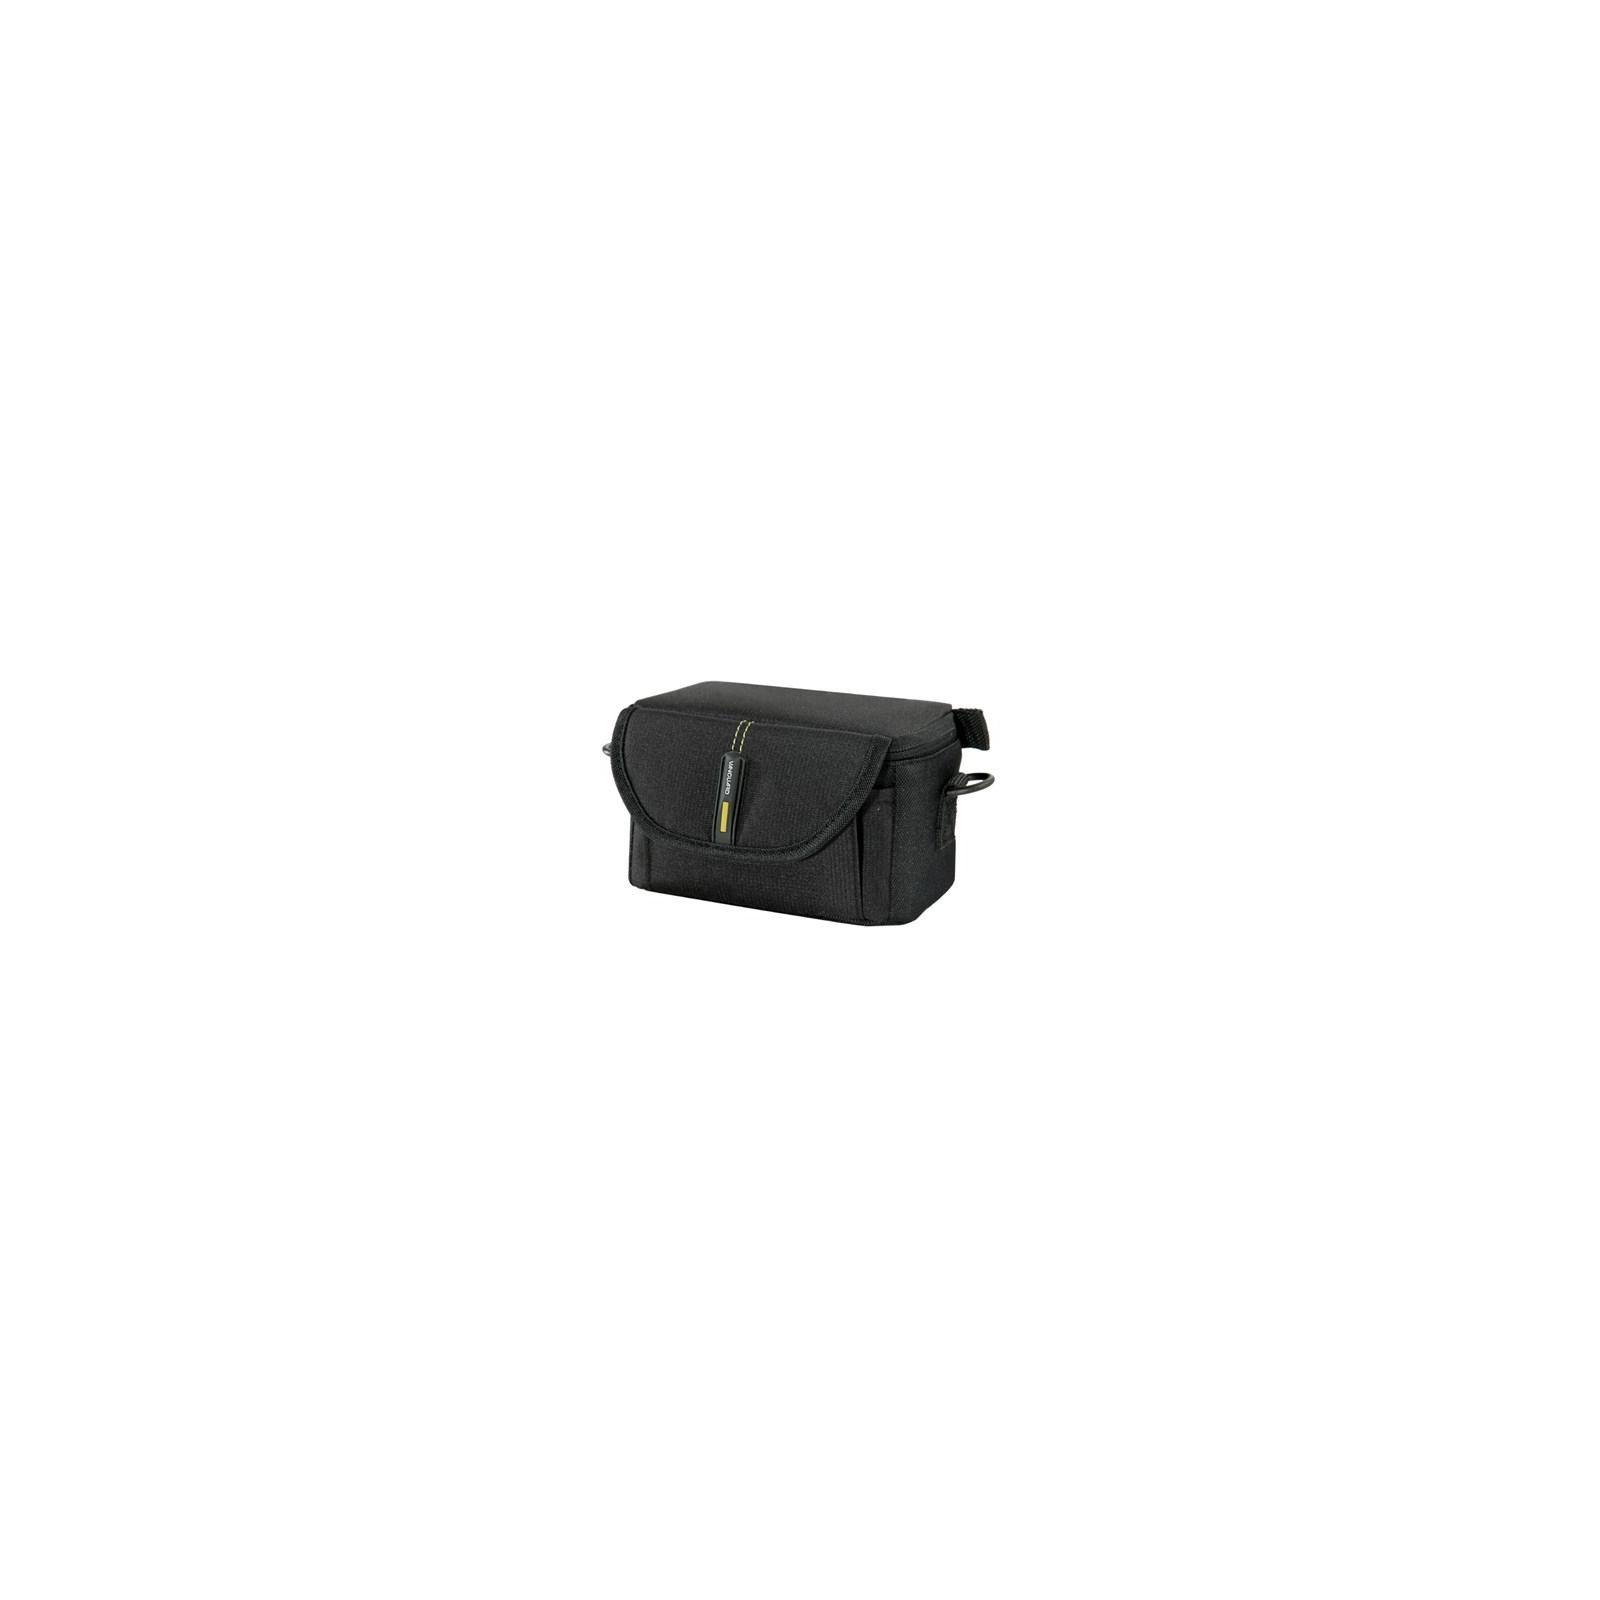 Фото-сумка Vanguard BIIN 8H Black